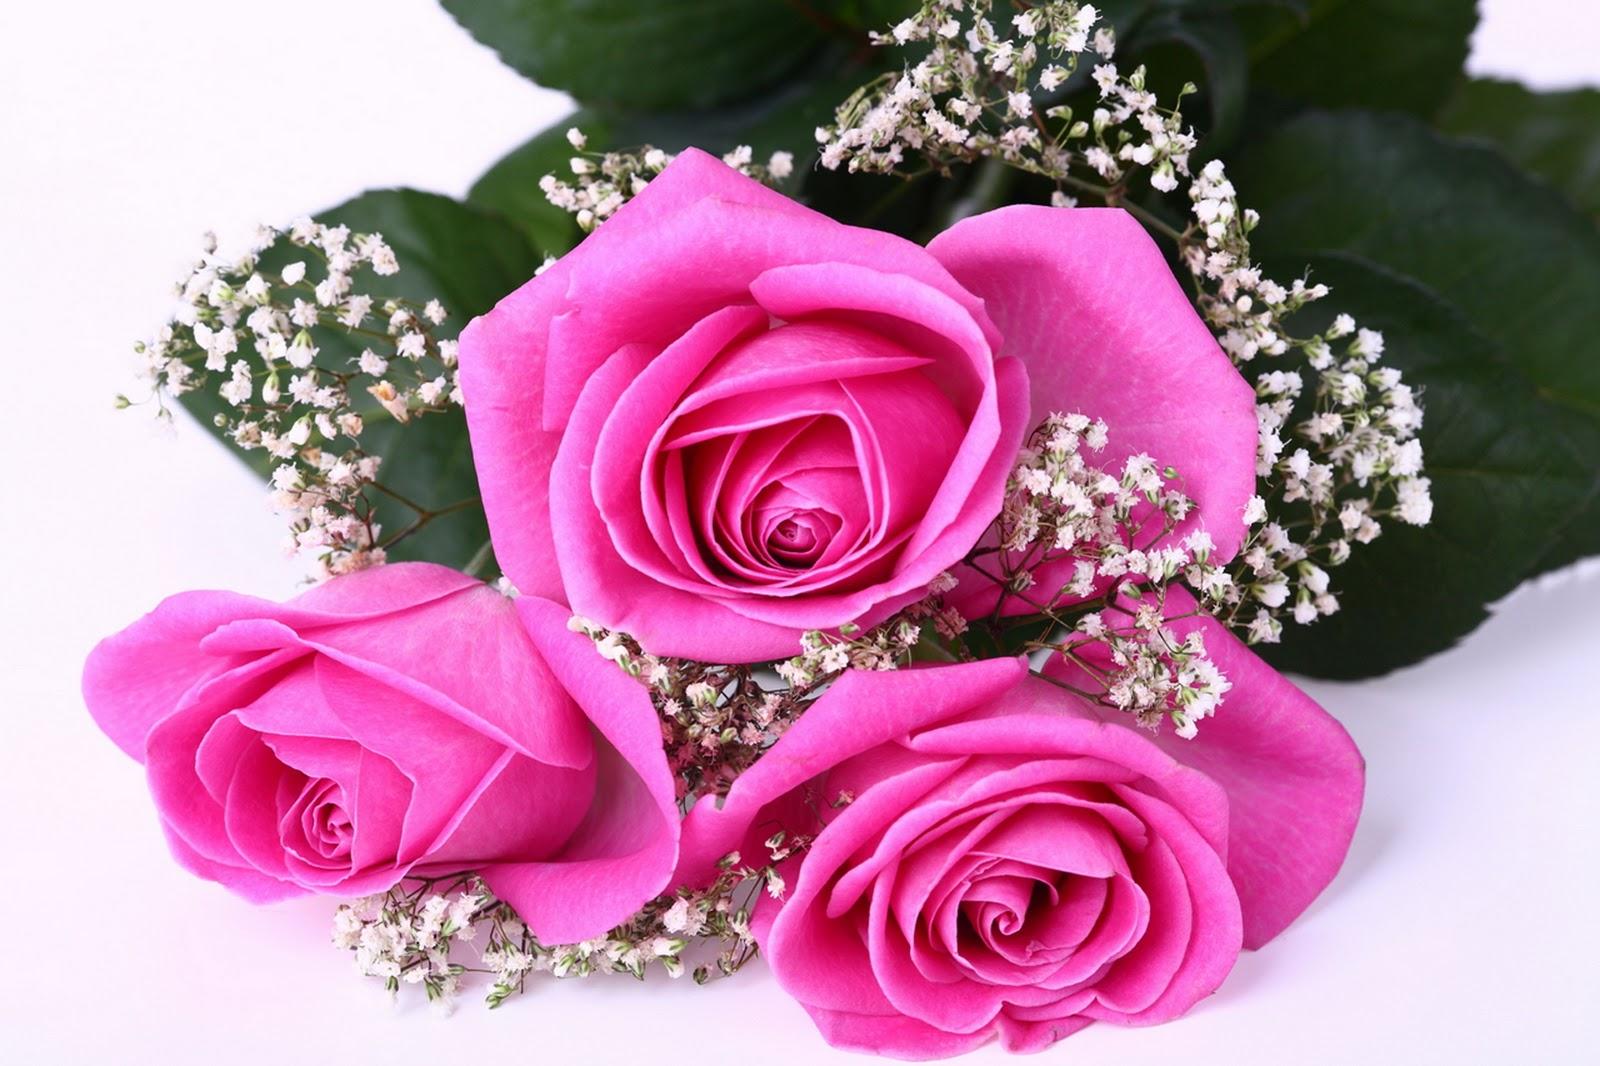 Gambar Bunga Mawar yang CantikCantik